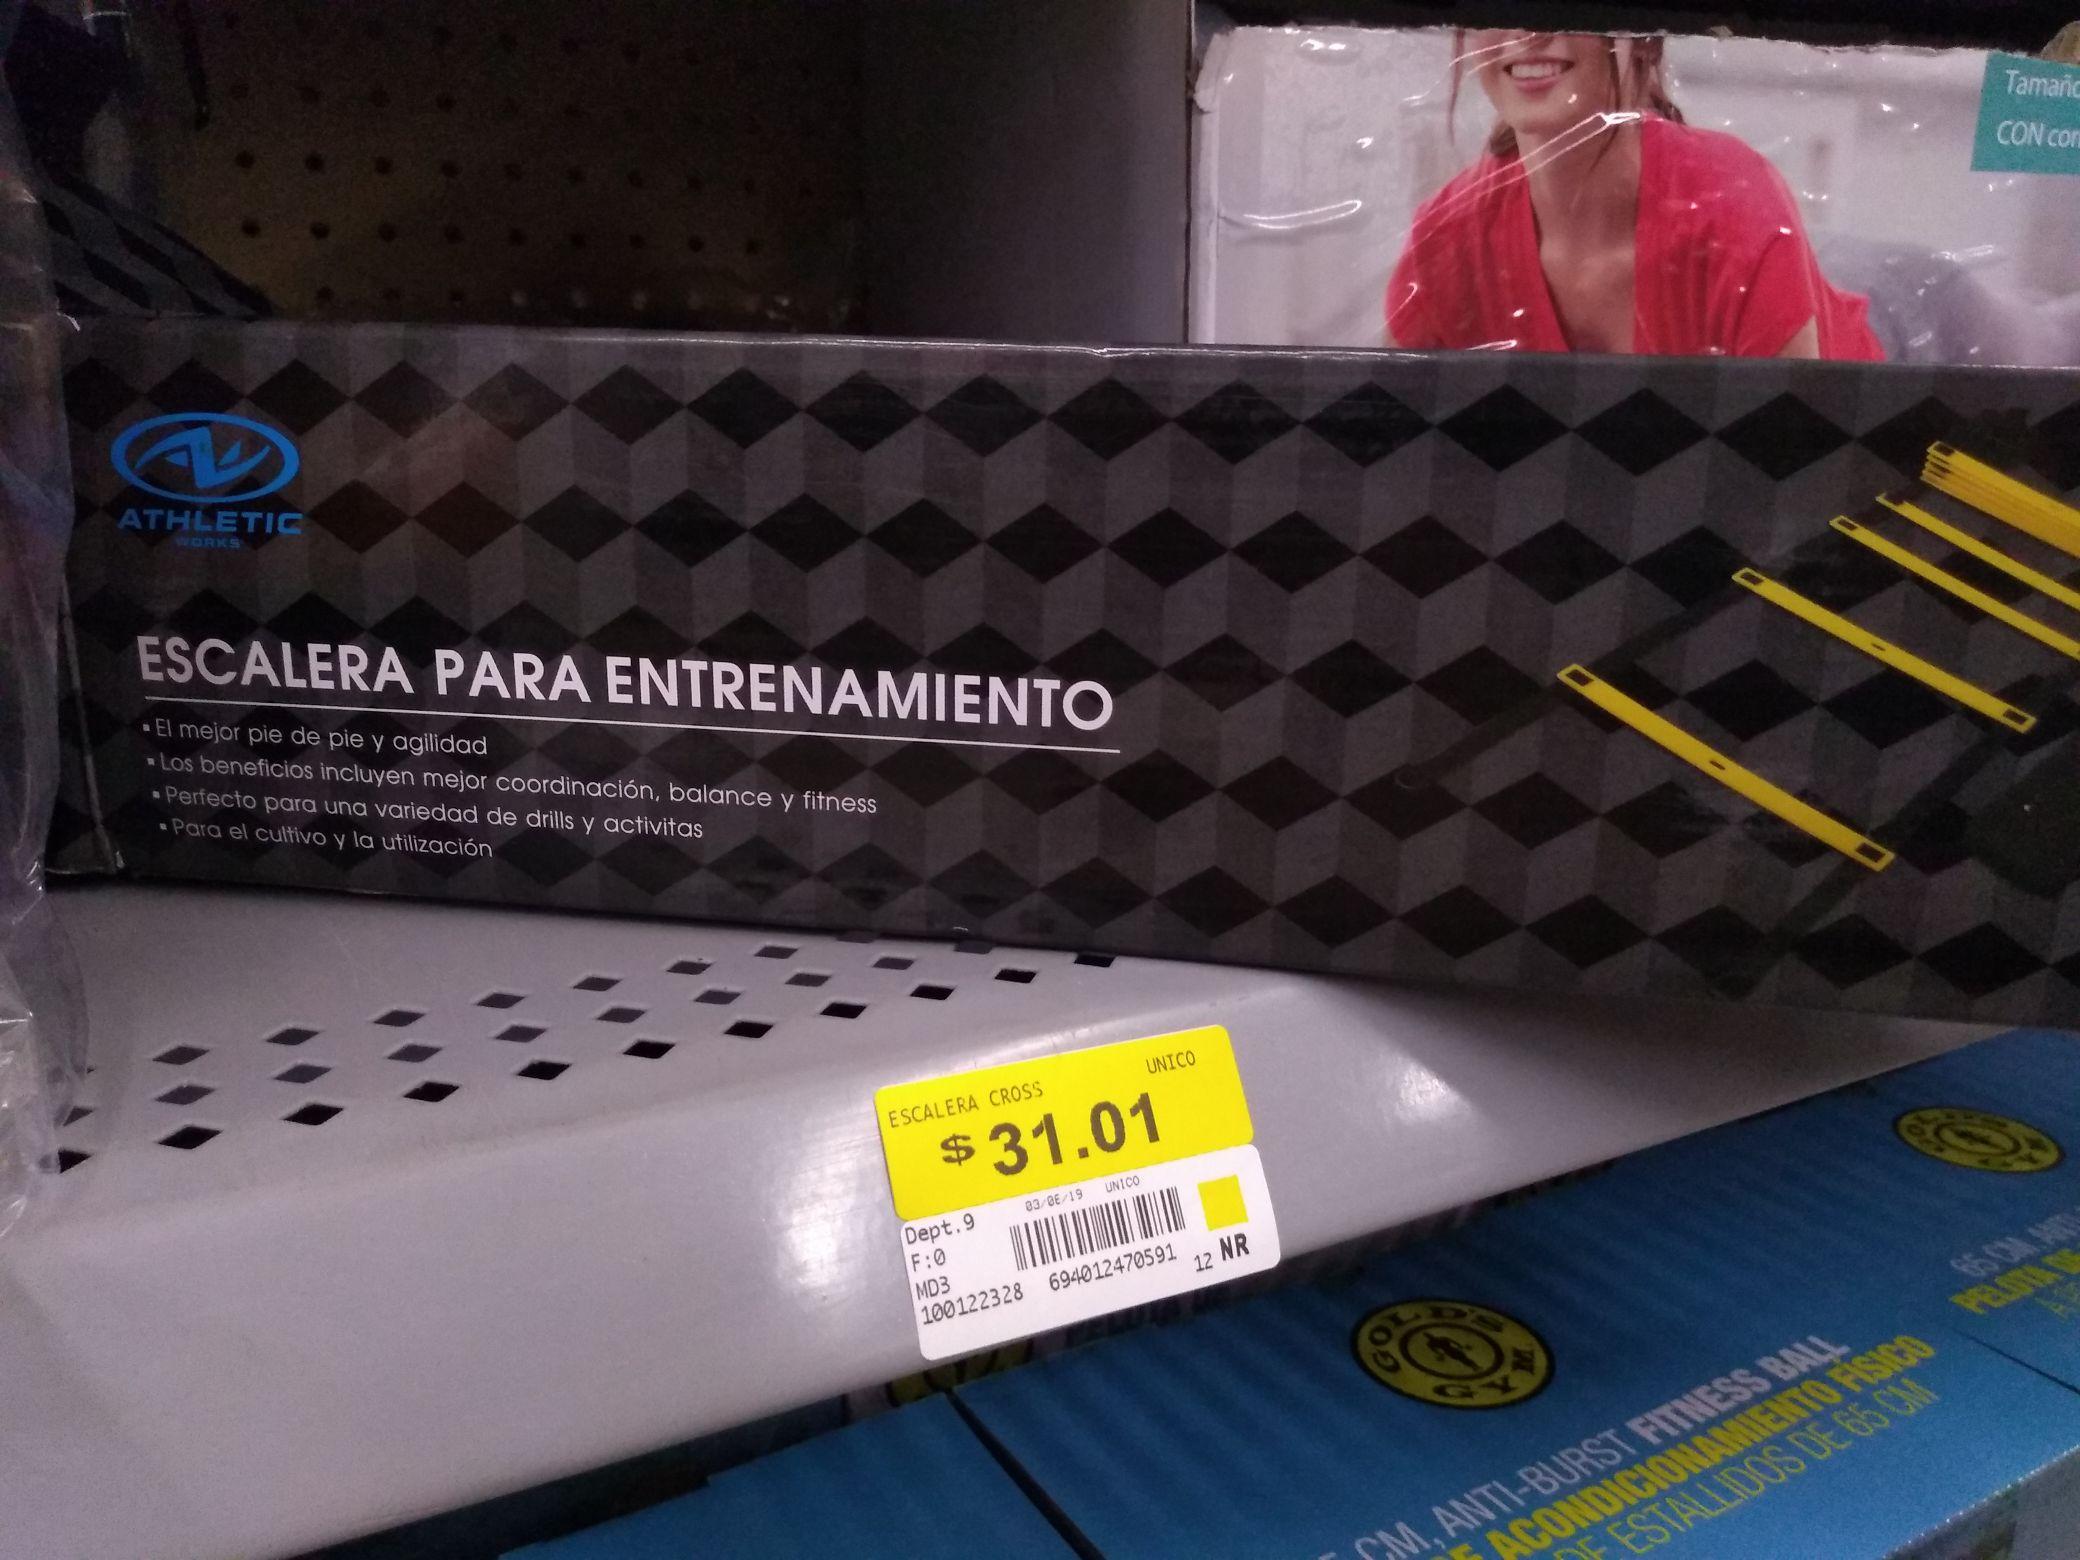 Walmart Miramar: Escalera para Entrenamiento Athletic Works en su última liquidación $31.01